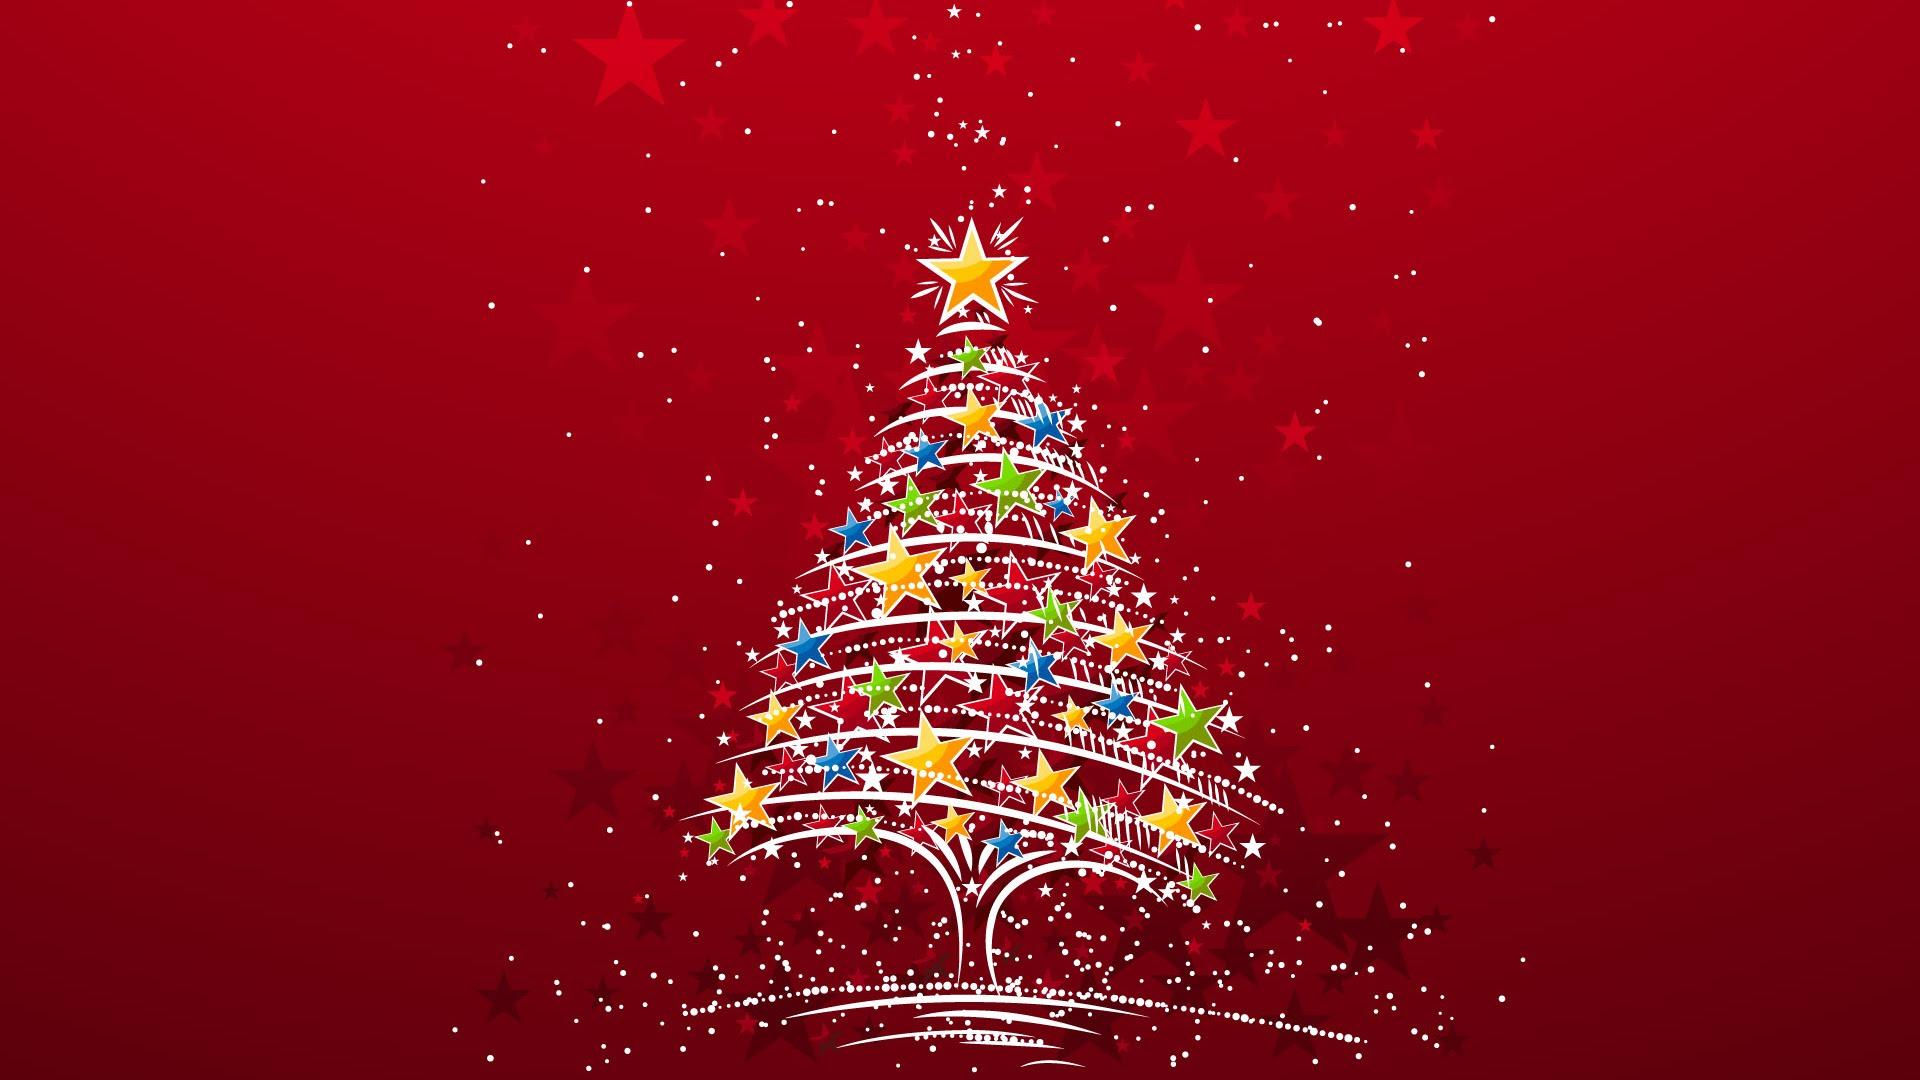 1920クリスマステーマのhd壁紙 7 20 1920x1080 壁紙ダウンロード